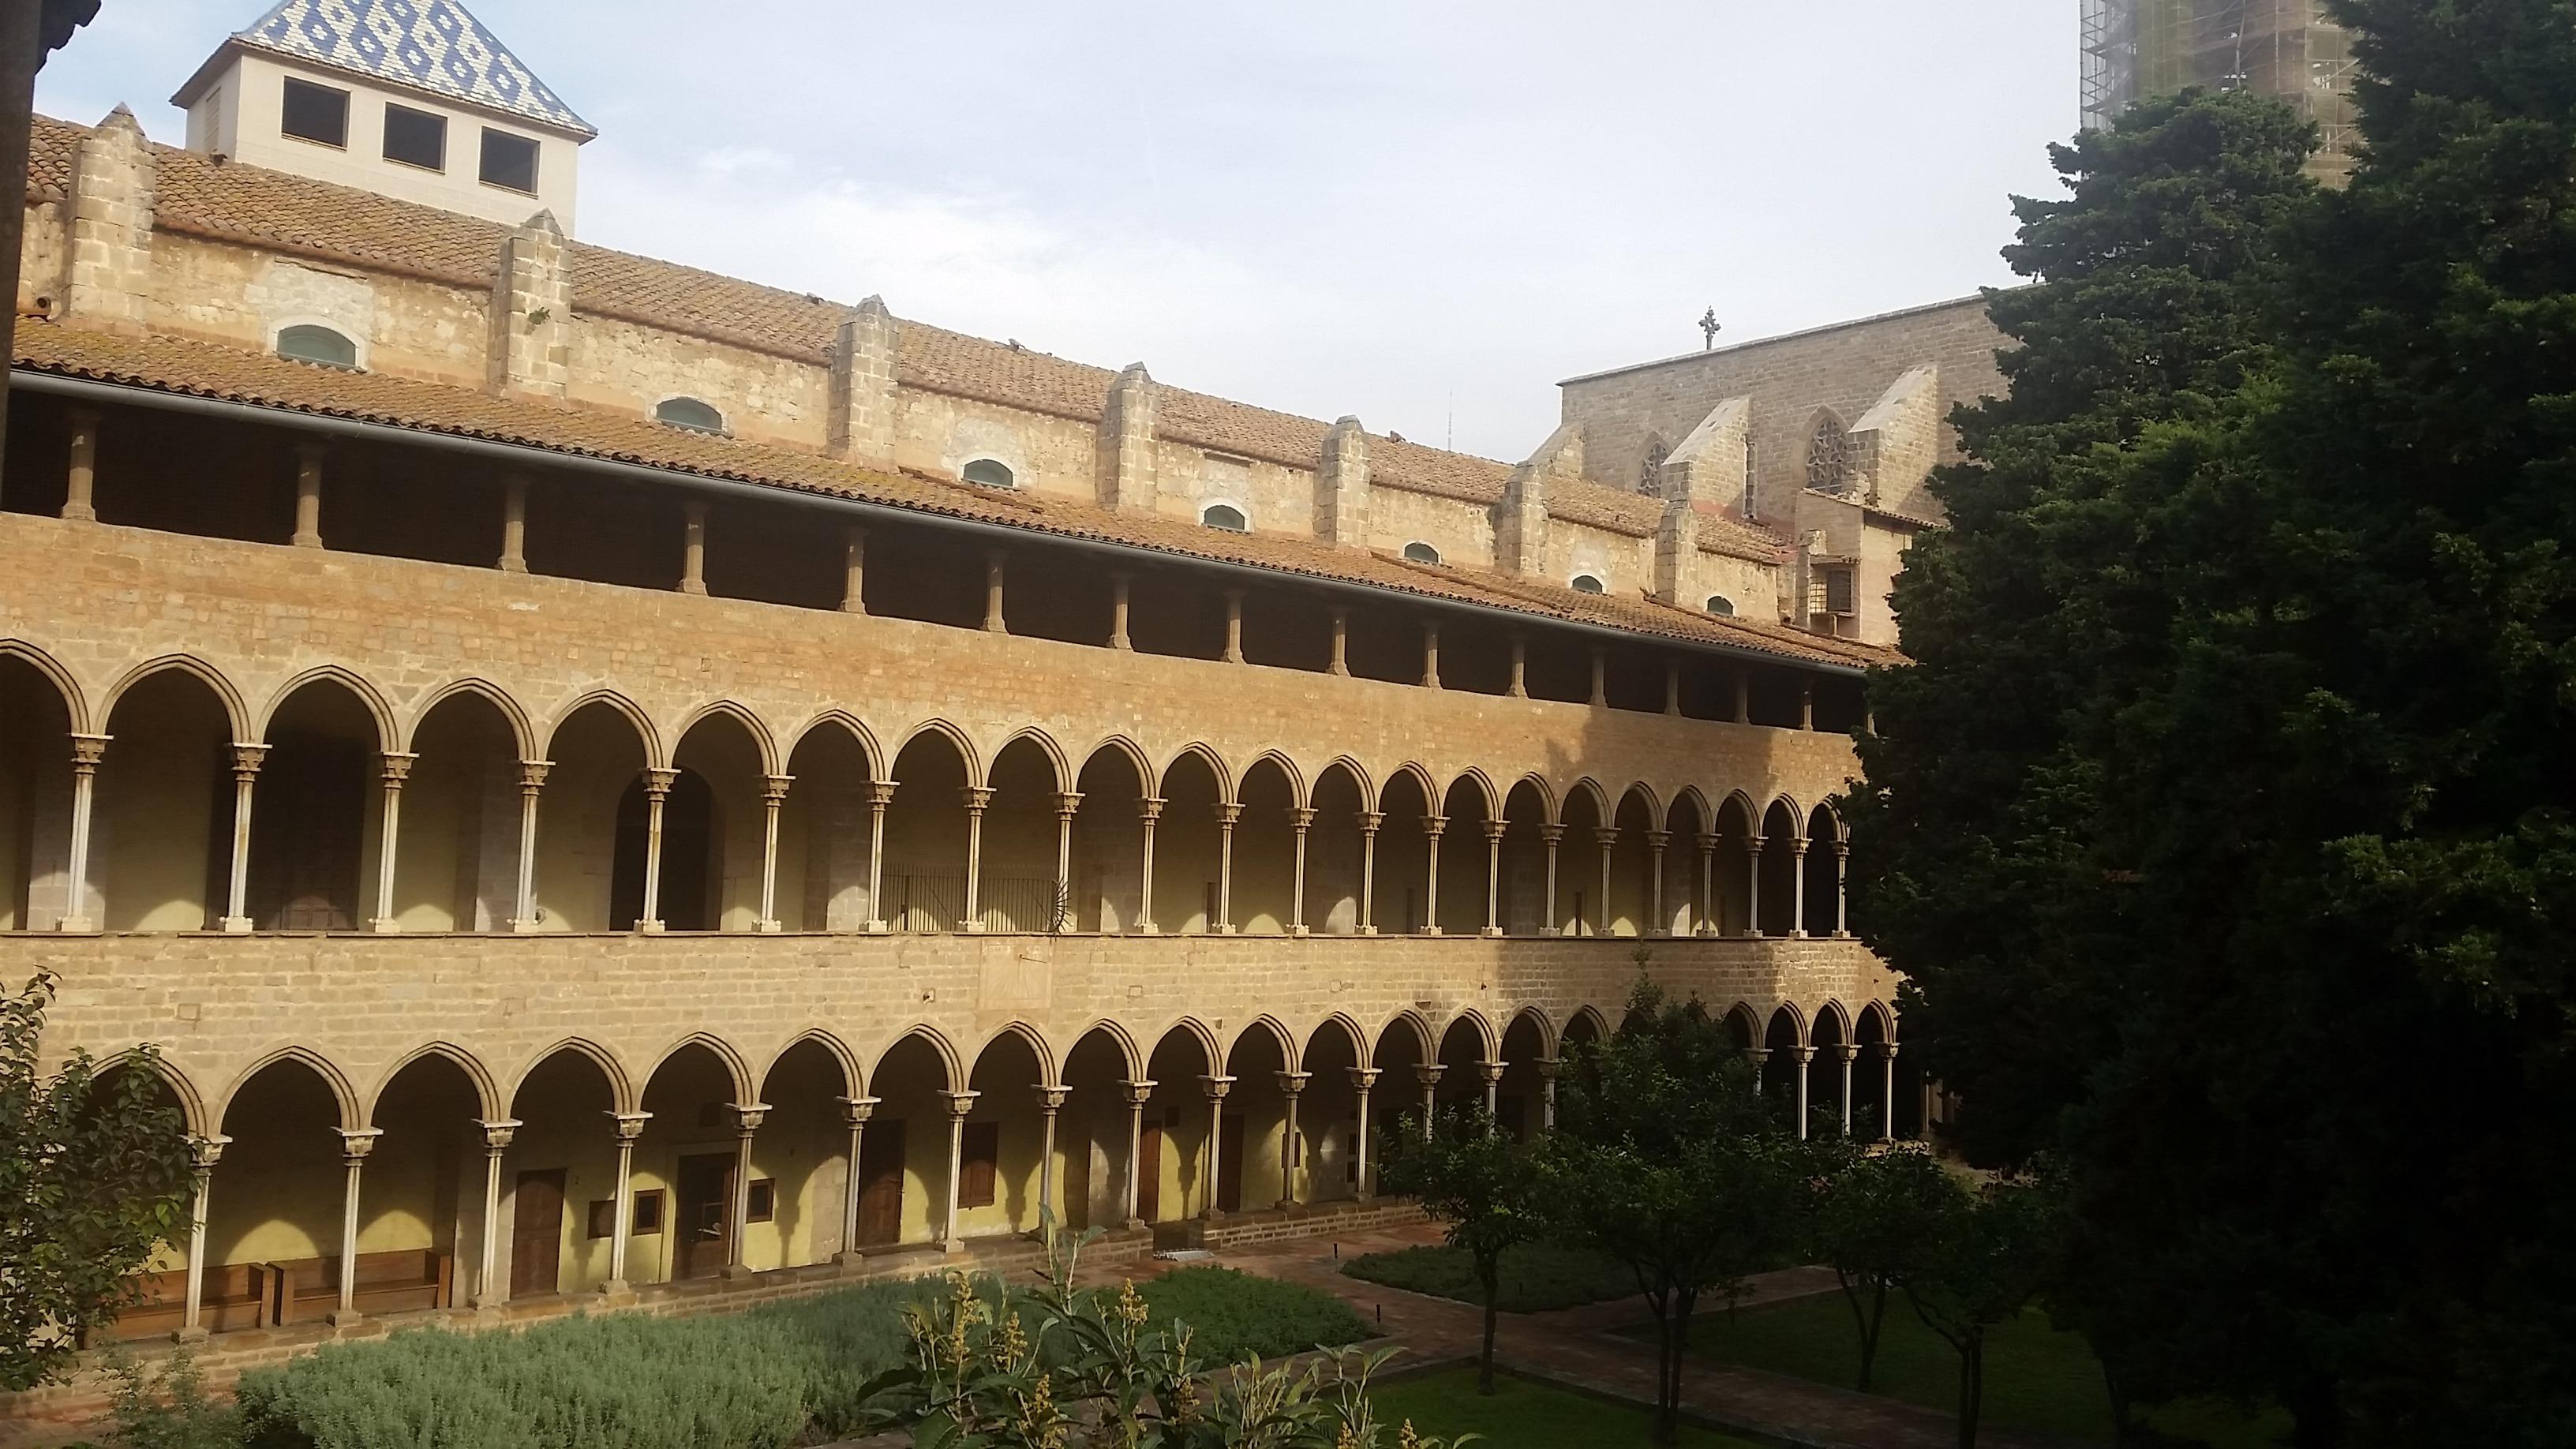 le monastère de Pedralbes à Barcelone parmi les 25 lieux incroyables en Europe